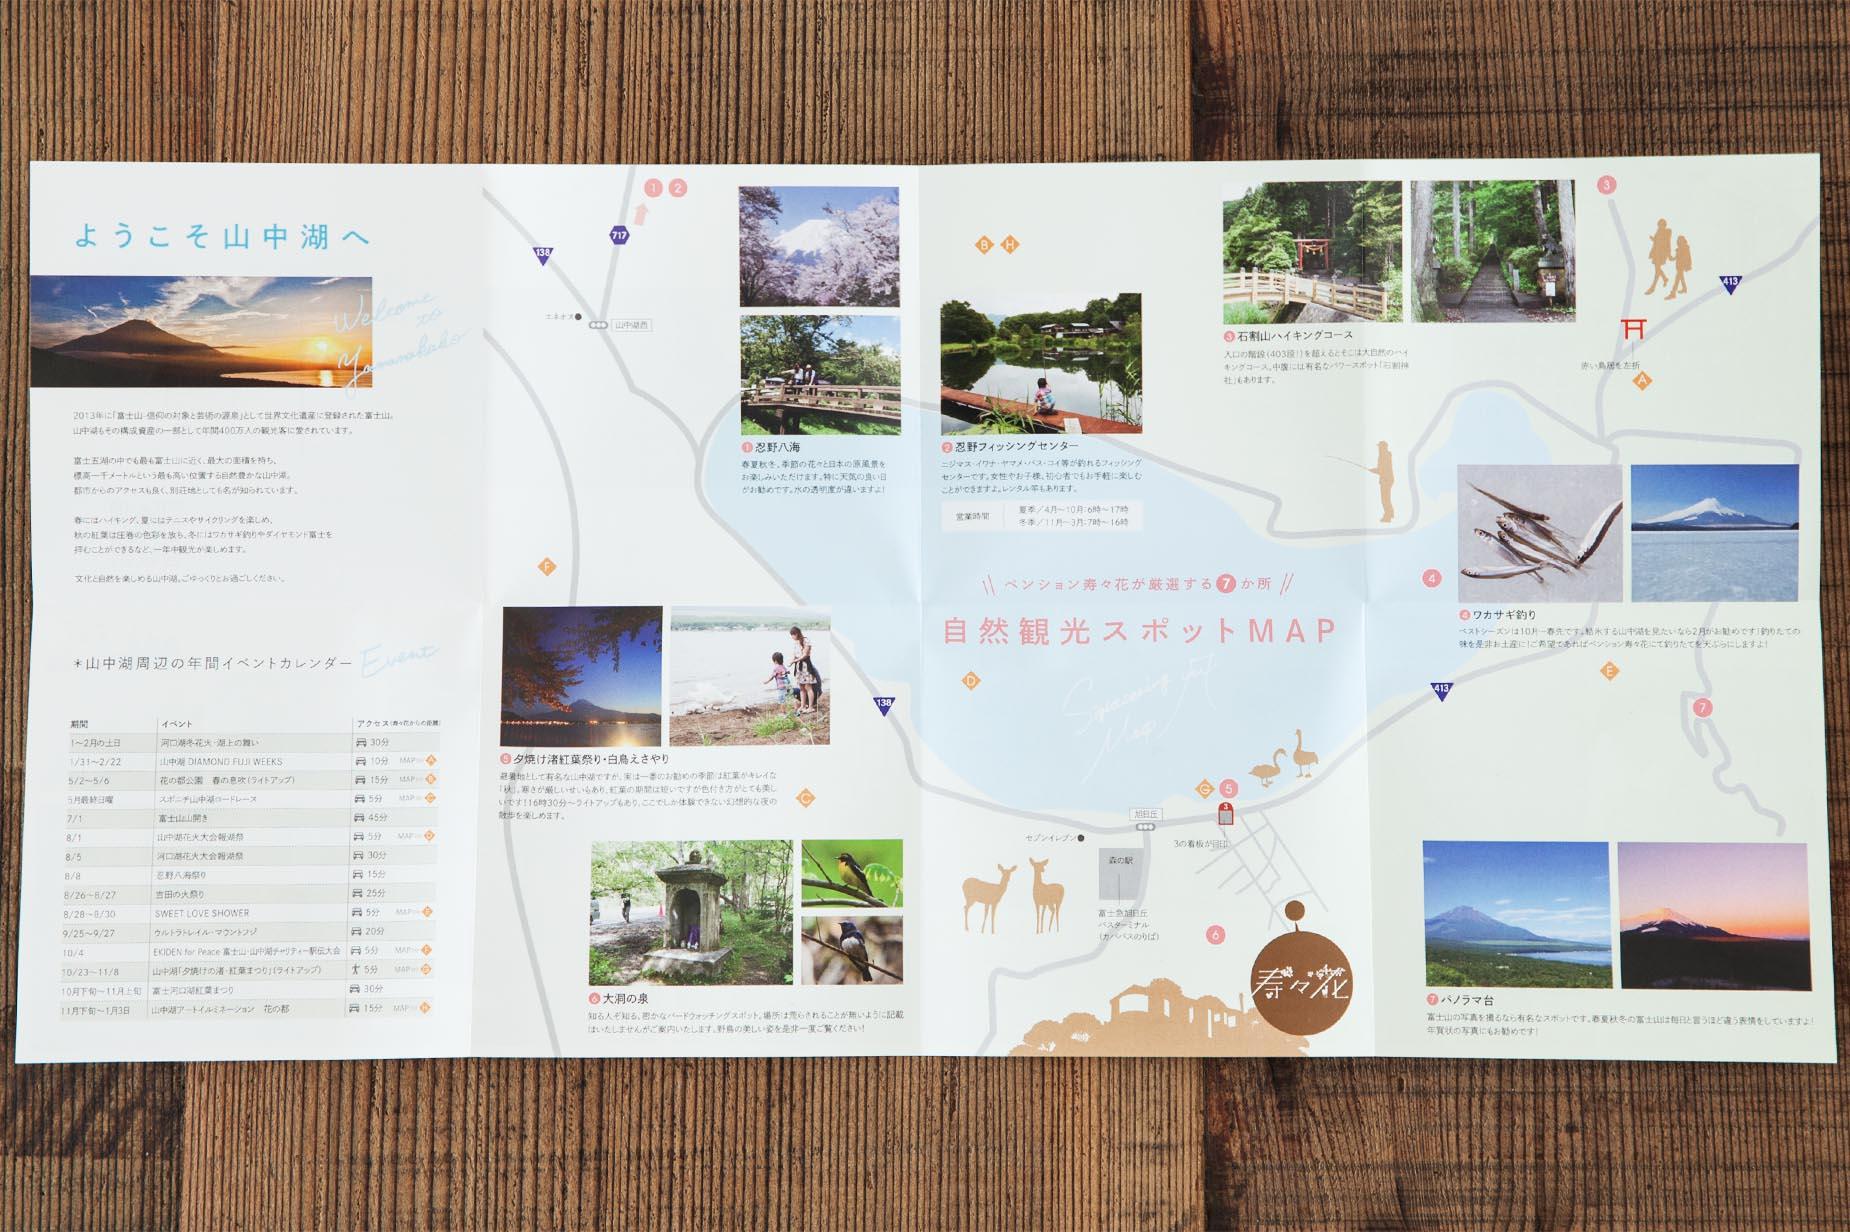 20160212_寿々花様パンフレットc